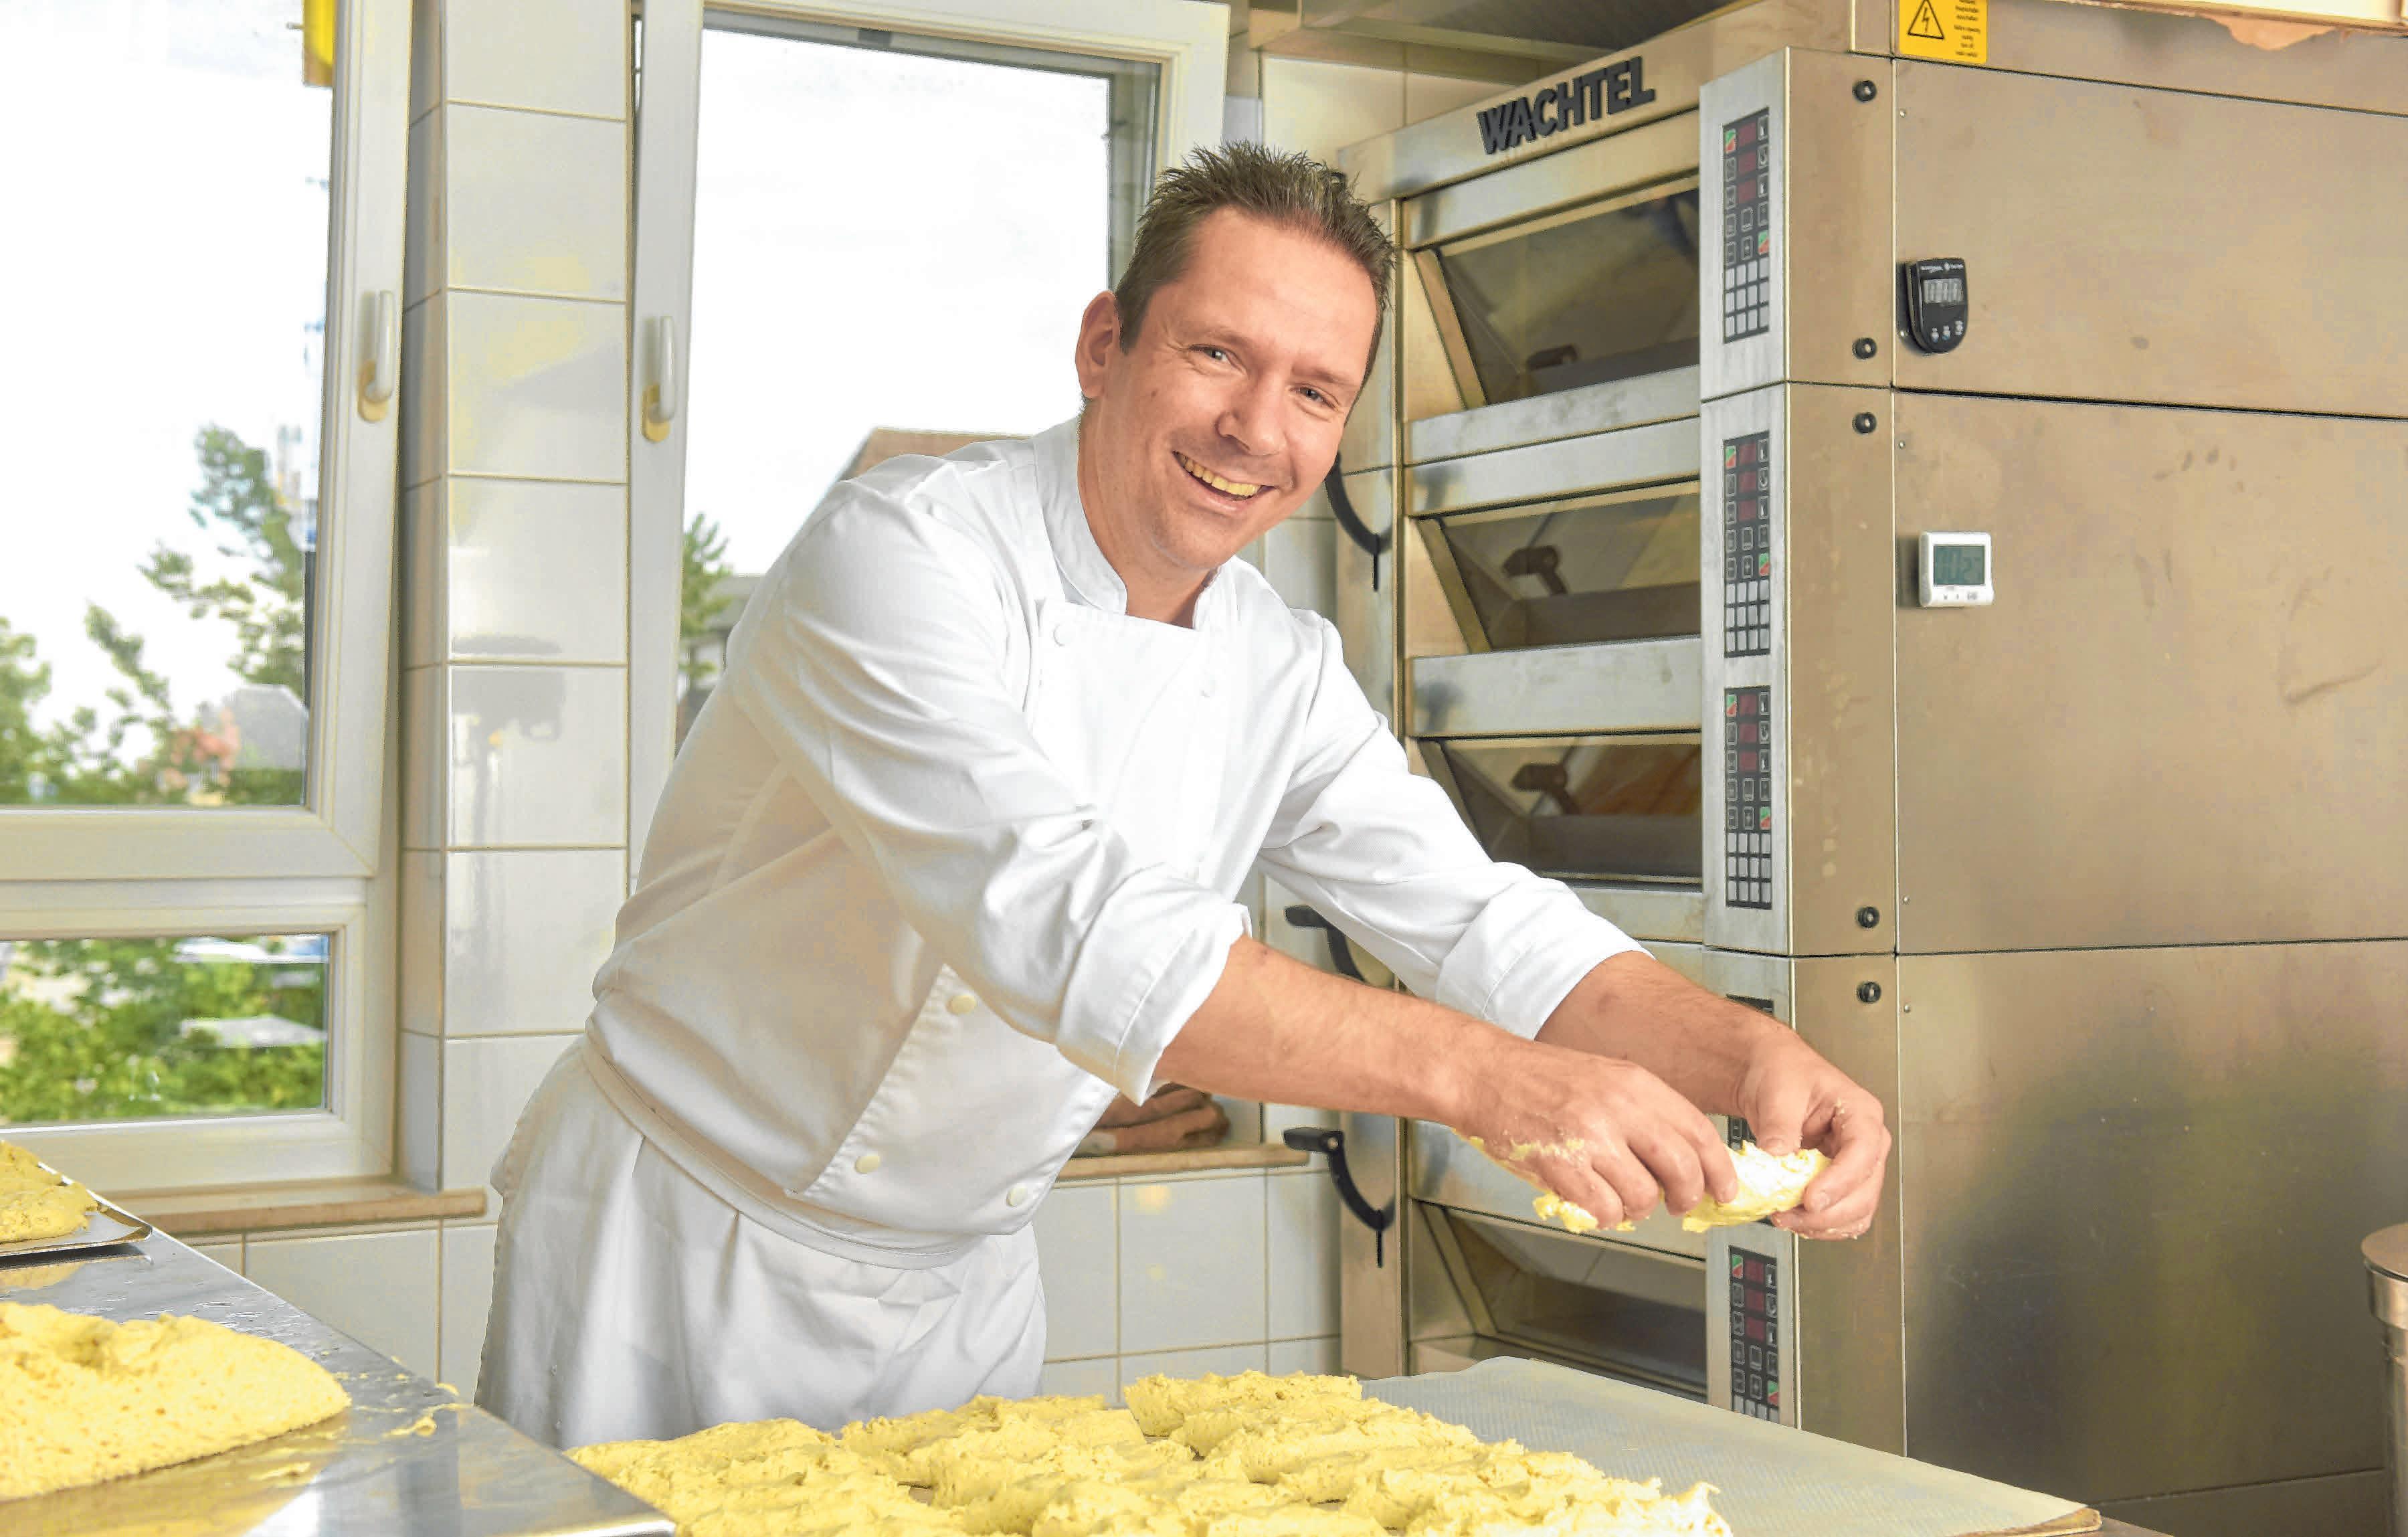 Martin Schmidt backt ausschließlich glutenfrei. FOTO: OH